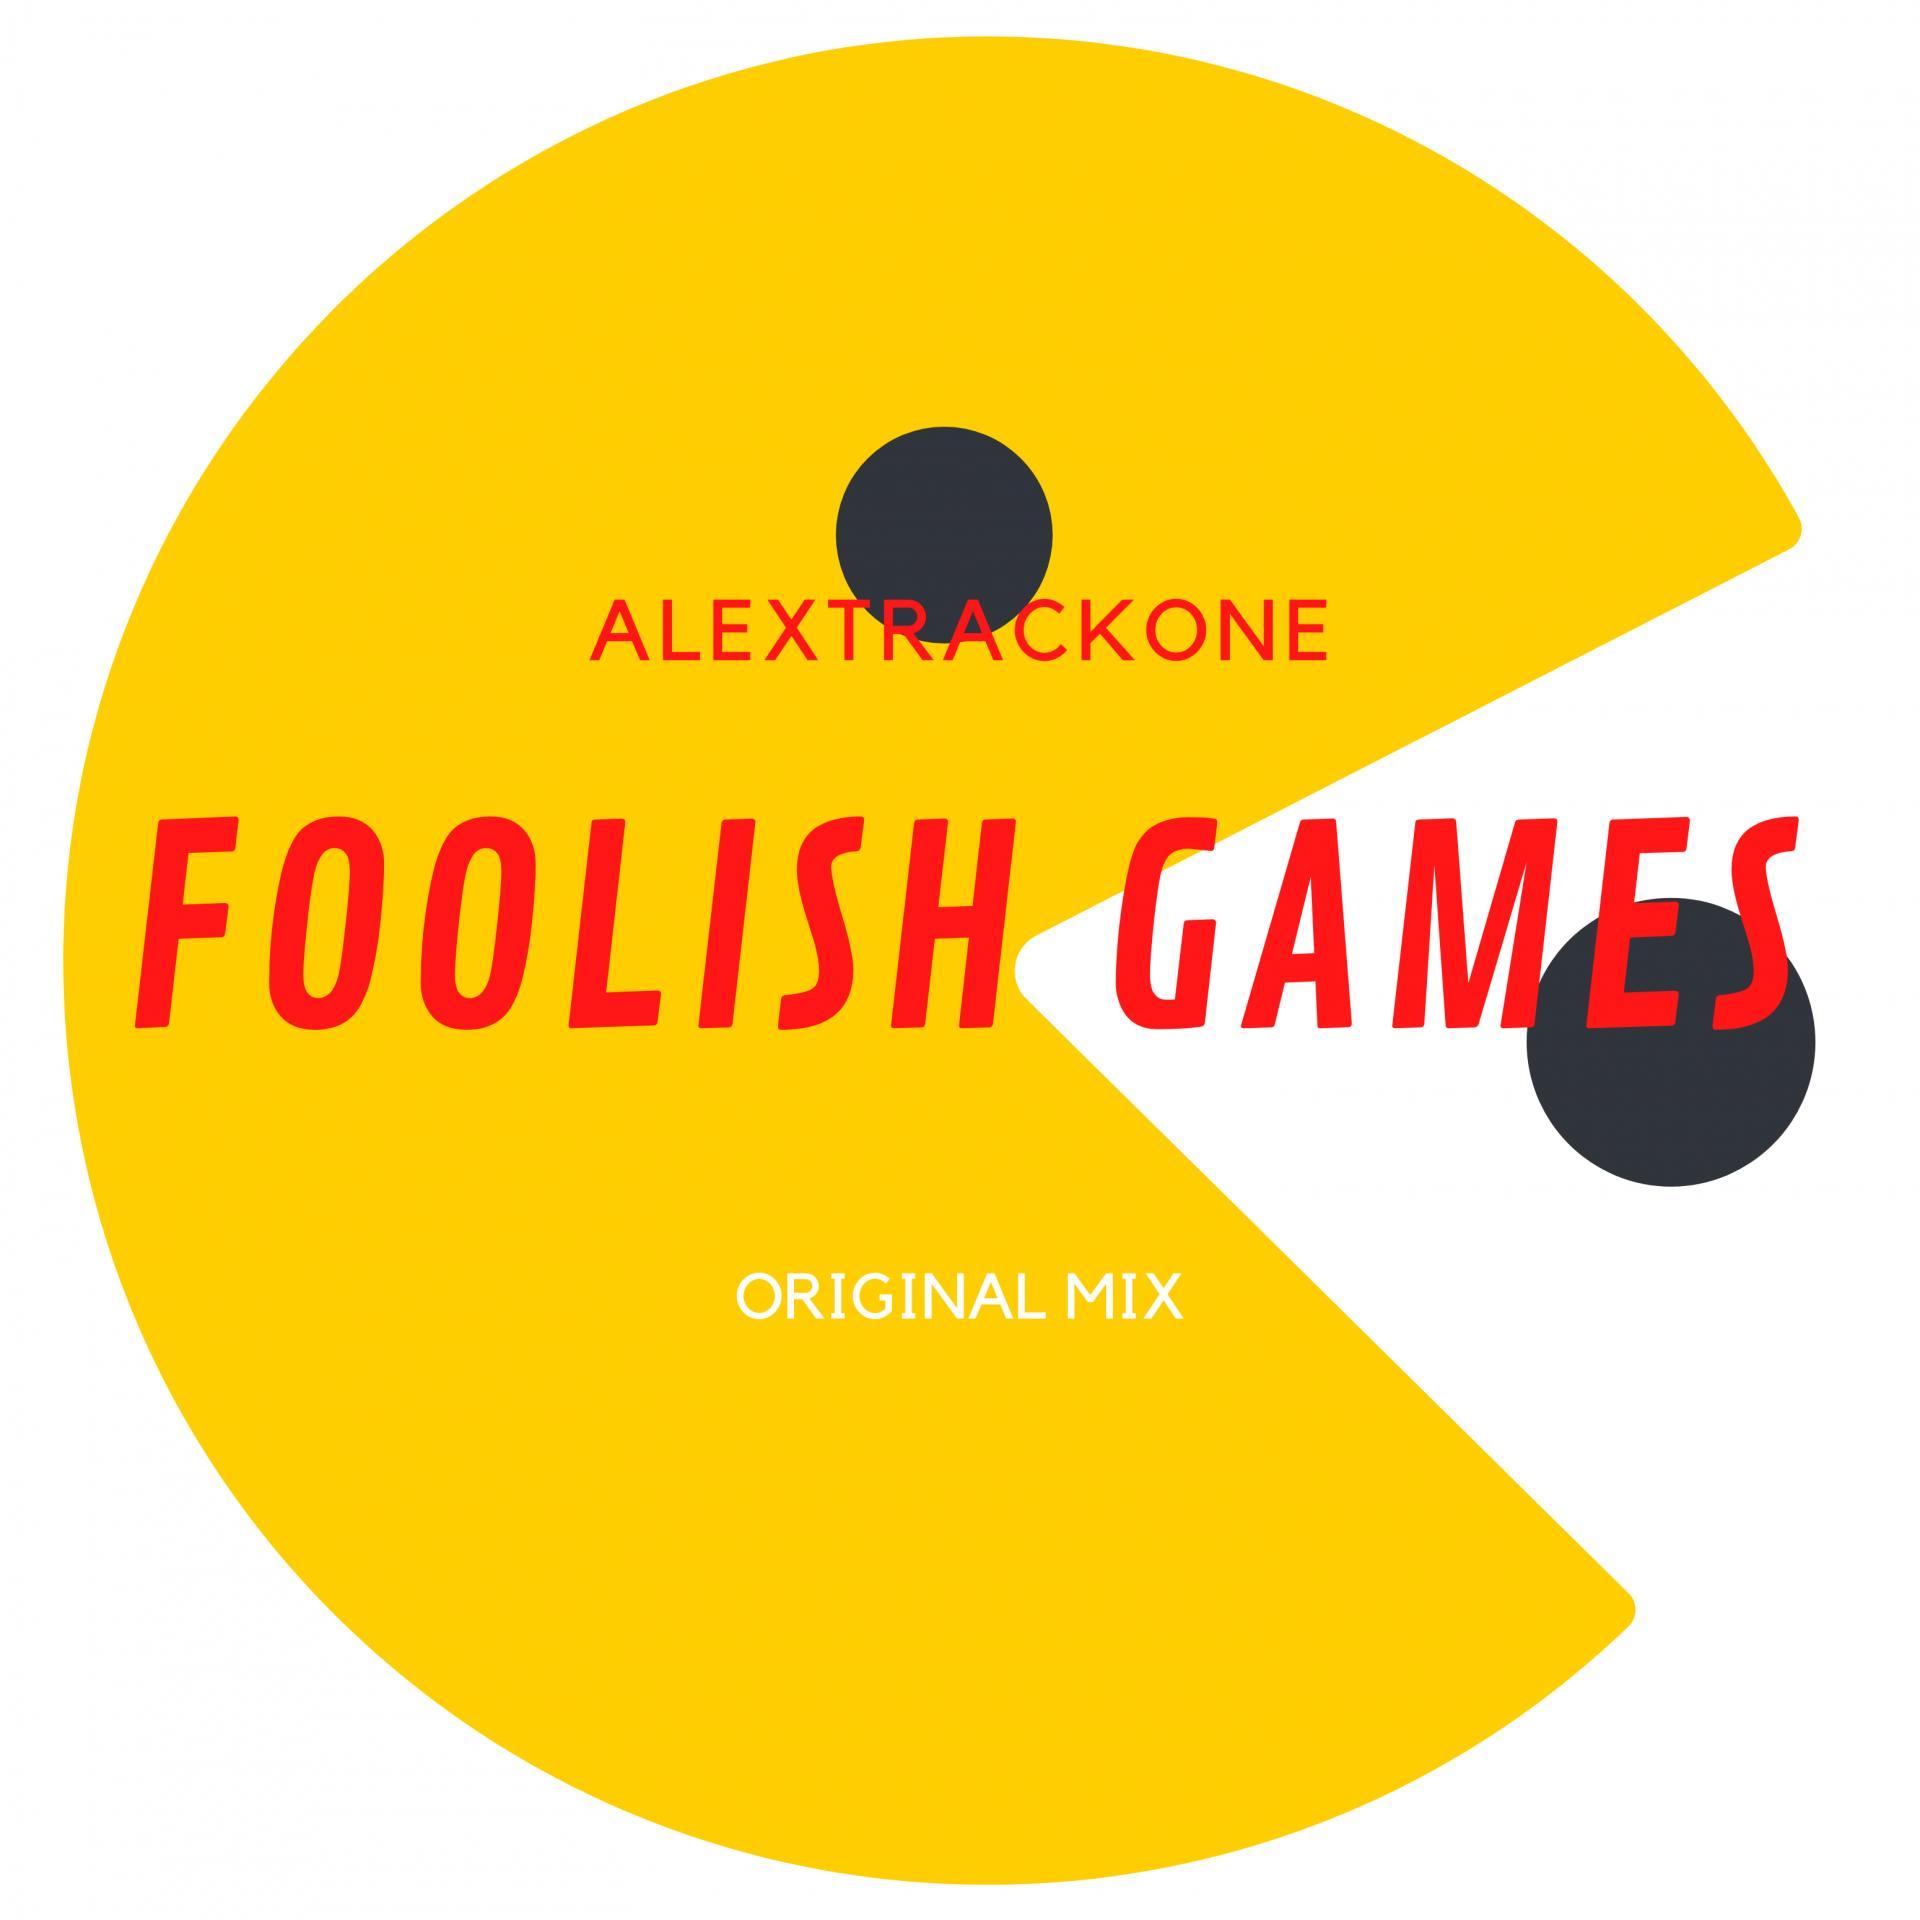 FOOLISH GAMES -ORIGINAL MIX-